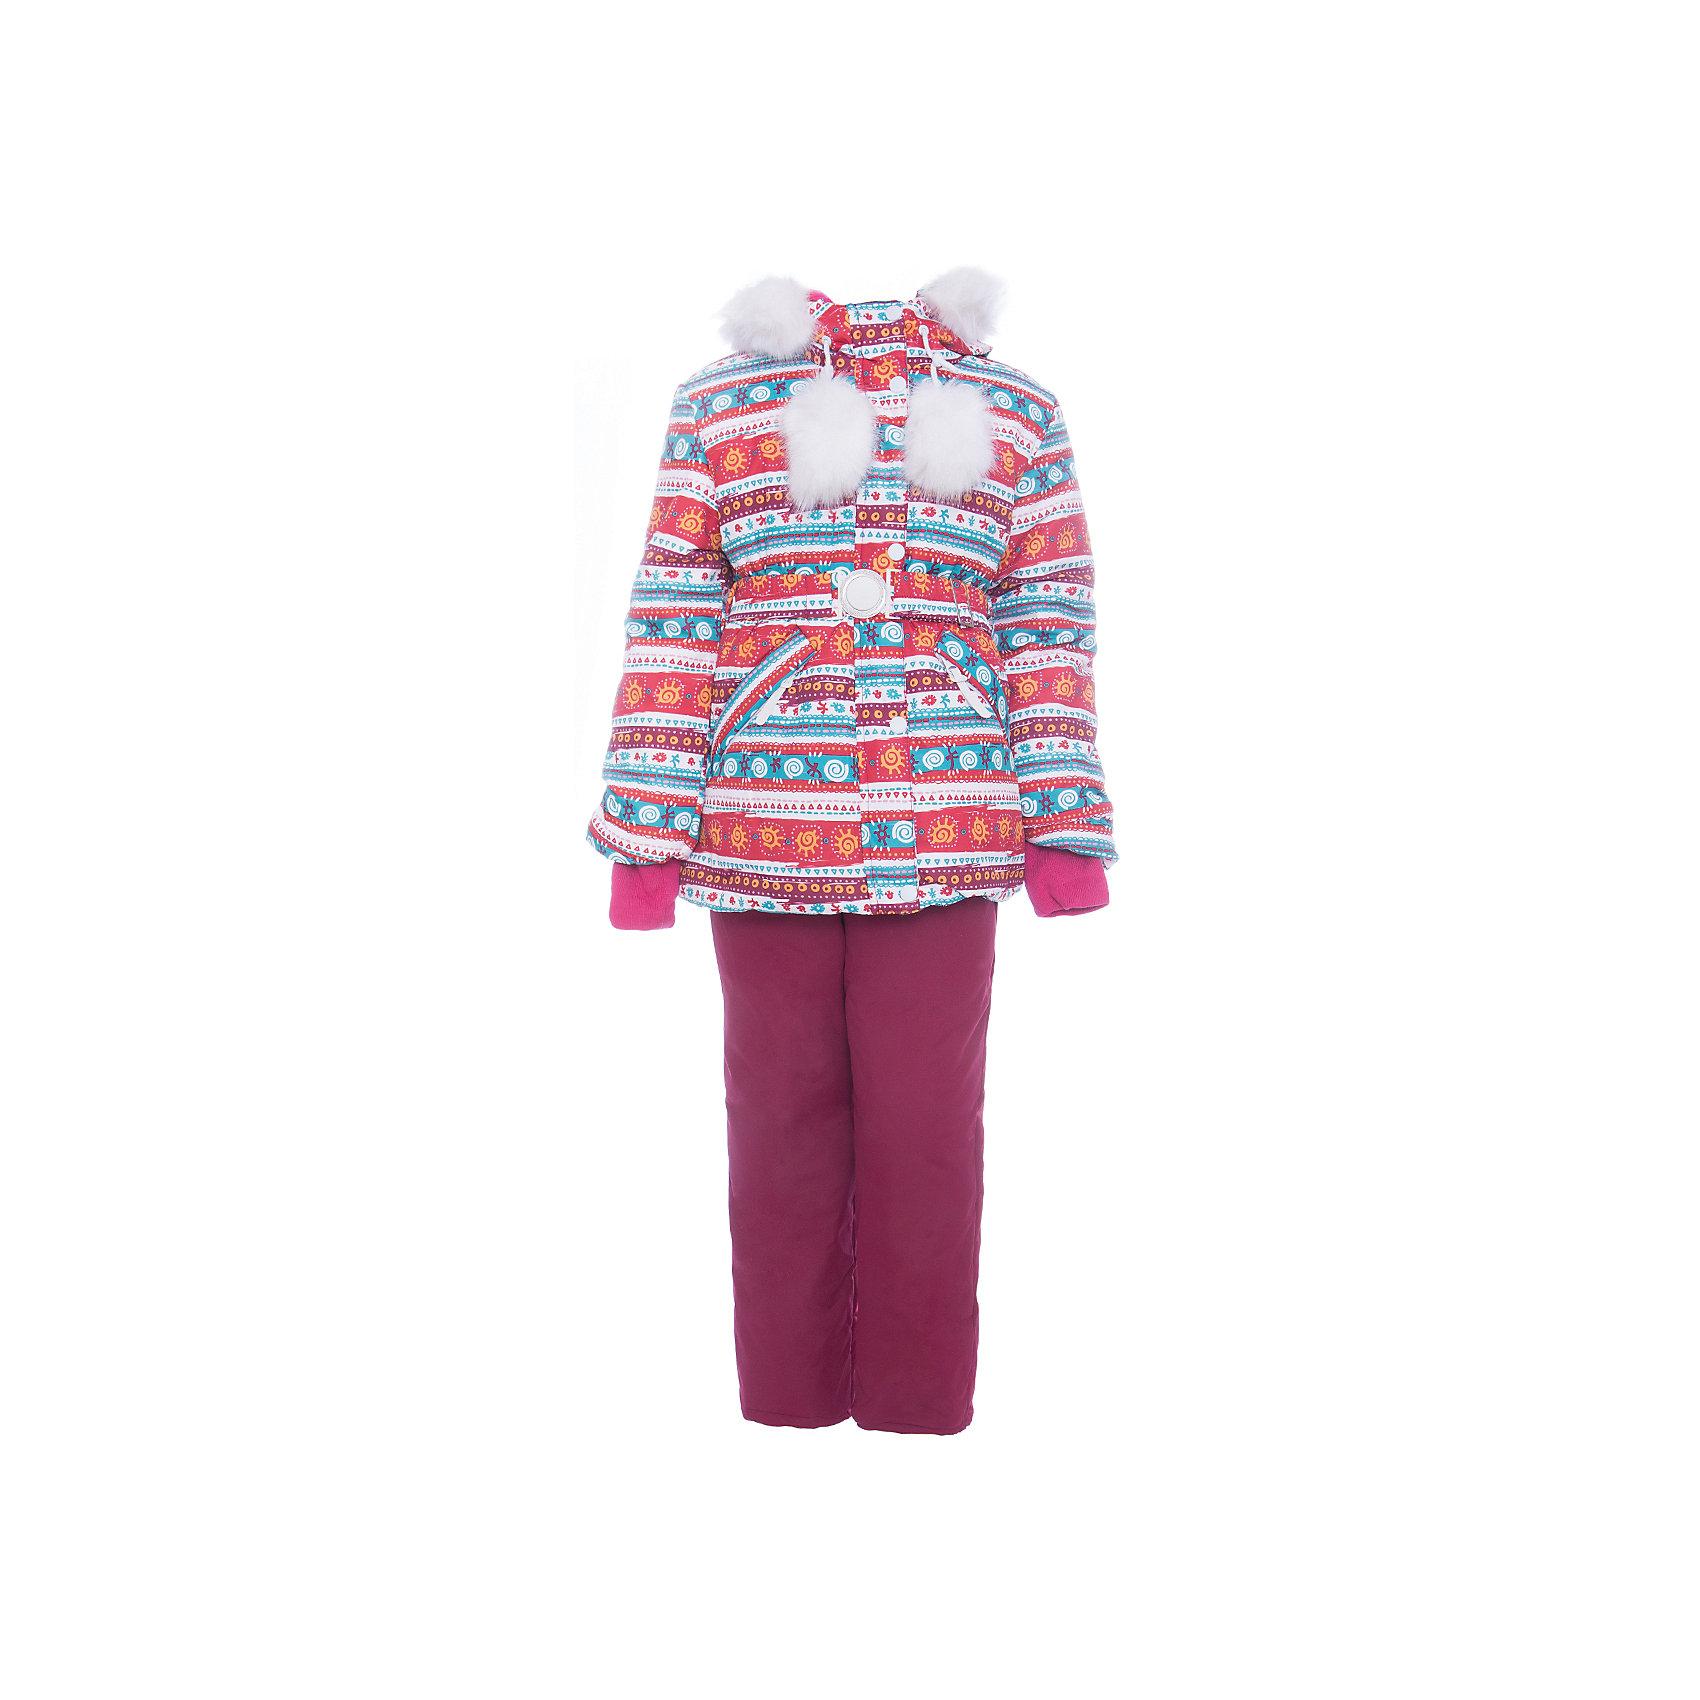 Комплект: куртка и полукомбенизон Майя Batik для девочкиВерхняя одежда<br>Характеристики товара:<br><br>• цвет: белый<br>• комплектация: куртка и полукомбинезон <br>• состав ткани: таслан<br>• подкладка: поларфлис<br>• утеплитель: слайтекс, синтепон <br>• сезон: зима<br>• мембранное покрытие<br>• температурный режим: от -35 до 0<br>• водонепроницаемость: 5000 мм <br>• паропроницаемость: 5000 г/м2<br>• плотность утеплителя: куртка - 350 г/м2, полукомбинезон - 200 г/м2<br>• застежка: молния<br>• капюшон: с мехом, отстегивается<br>• встроенный термодатчик<br>• страна бренда: Россия<br>• страна изготовитель: Россия<br><br> Мембранный материал детской зимней куртки и полукомбинезона надежно защитит от холода и ветра. Мягкая подкладка детского комплекта для зимы приятна на ощупь. Этот мембранный комплект для девочки дополнен снегозащитными манжетами внутри рукавов и брючин. Зимний комплект подходит и для морозной и сырой погоды.<br><br>Комплект: куртка и полукомбинезон Майя Batik (Батик) для девочки можно купить в нашем интернет-магазине.<br><br>Ширина мм: 356<br>Глубина мм: 10<br>Высота мм: 245<br>Вес г: 519<br>Цвет: белый<br>Возраст от месяцев: 72<br>Возраст до месяцев: 84<br>Пол: Женский<br>Возраст: Детский<br>Размер: 122,116,110,128<br>SKU: 7028209